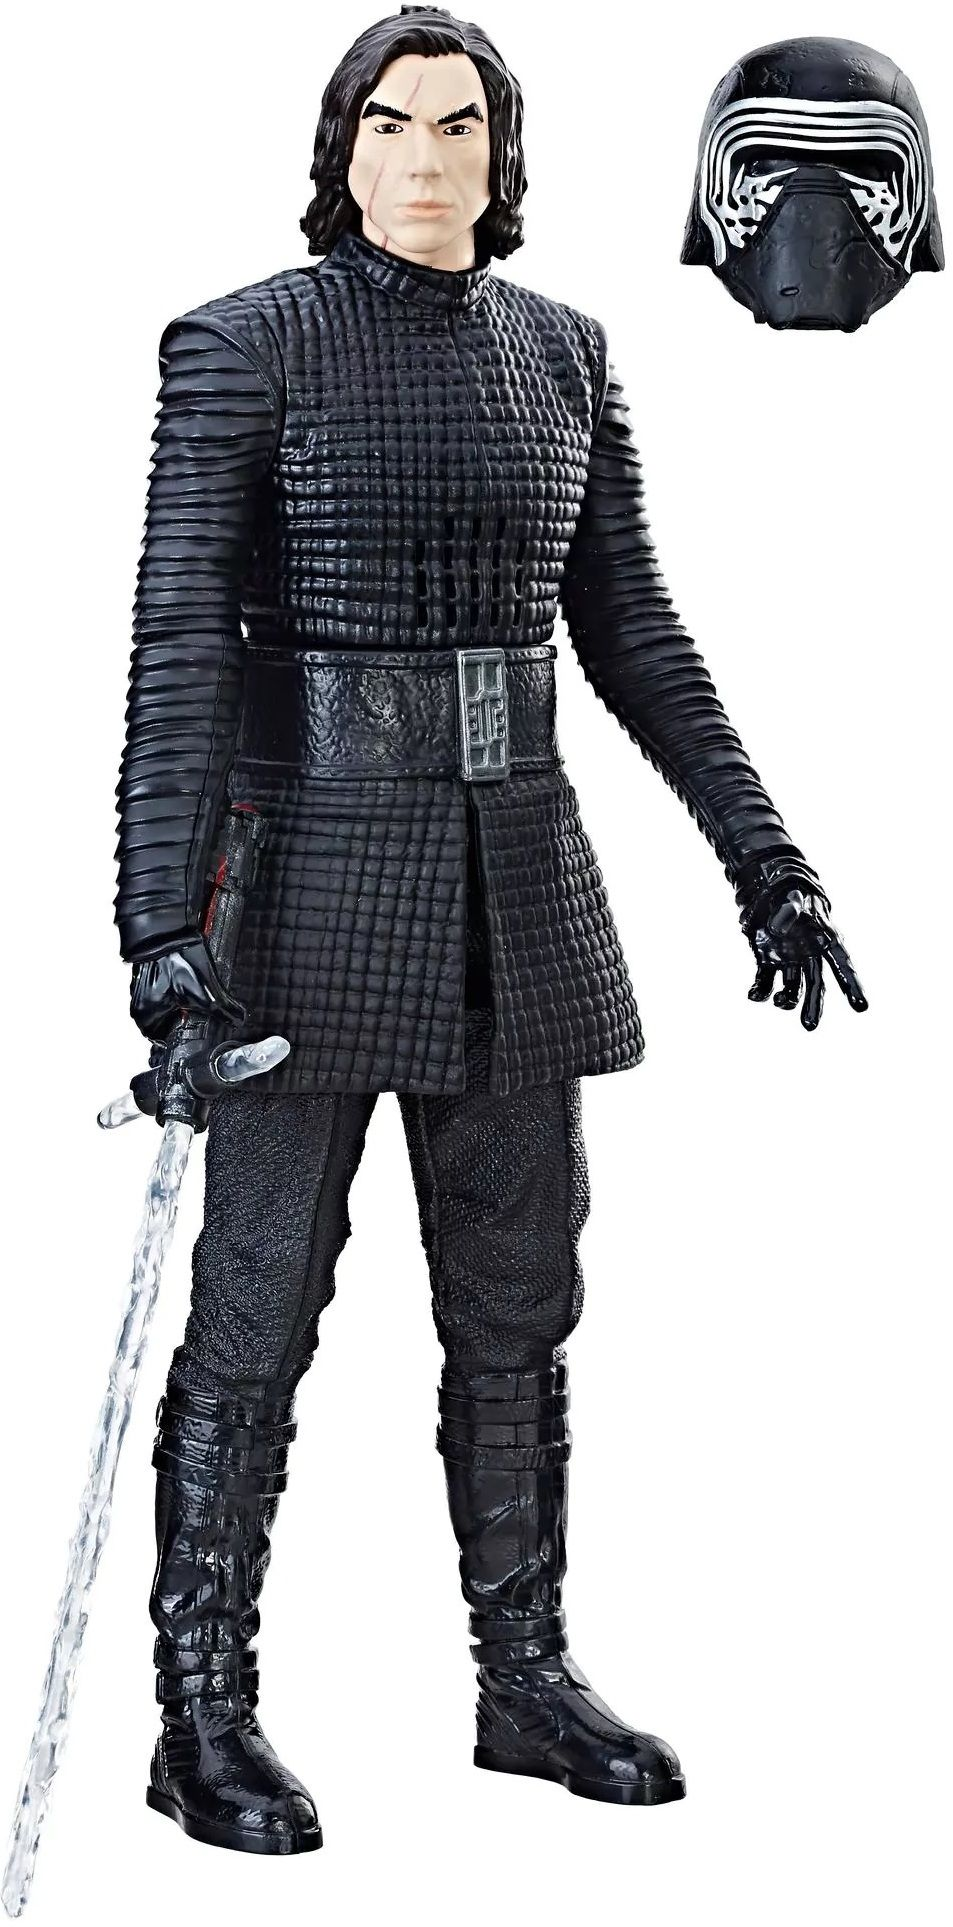 Купить Фигурка функциональная Kylo Ren (Кайло Рен), Hasbro, Звездные Войны (Star Wars)